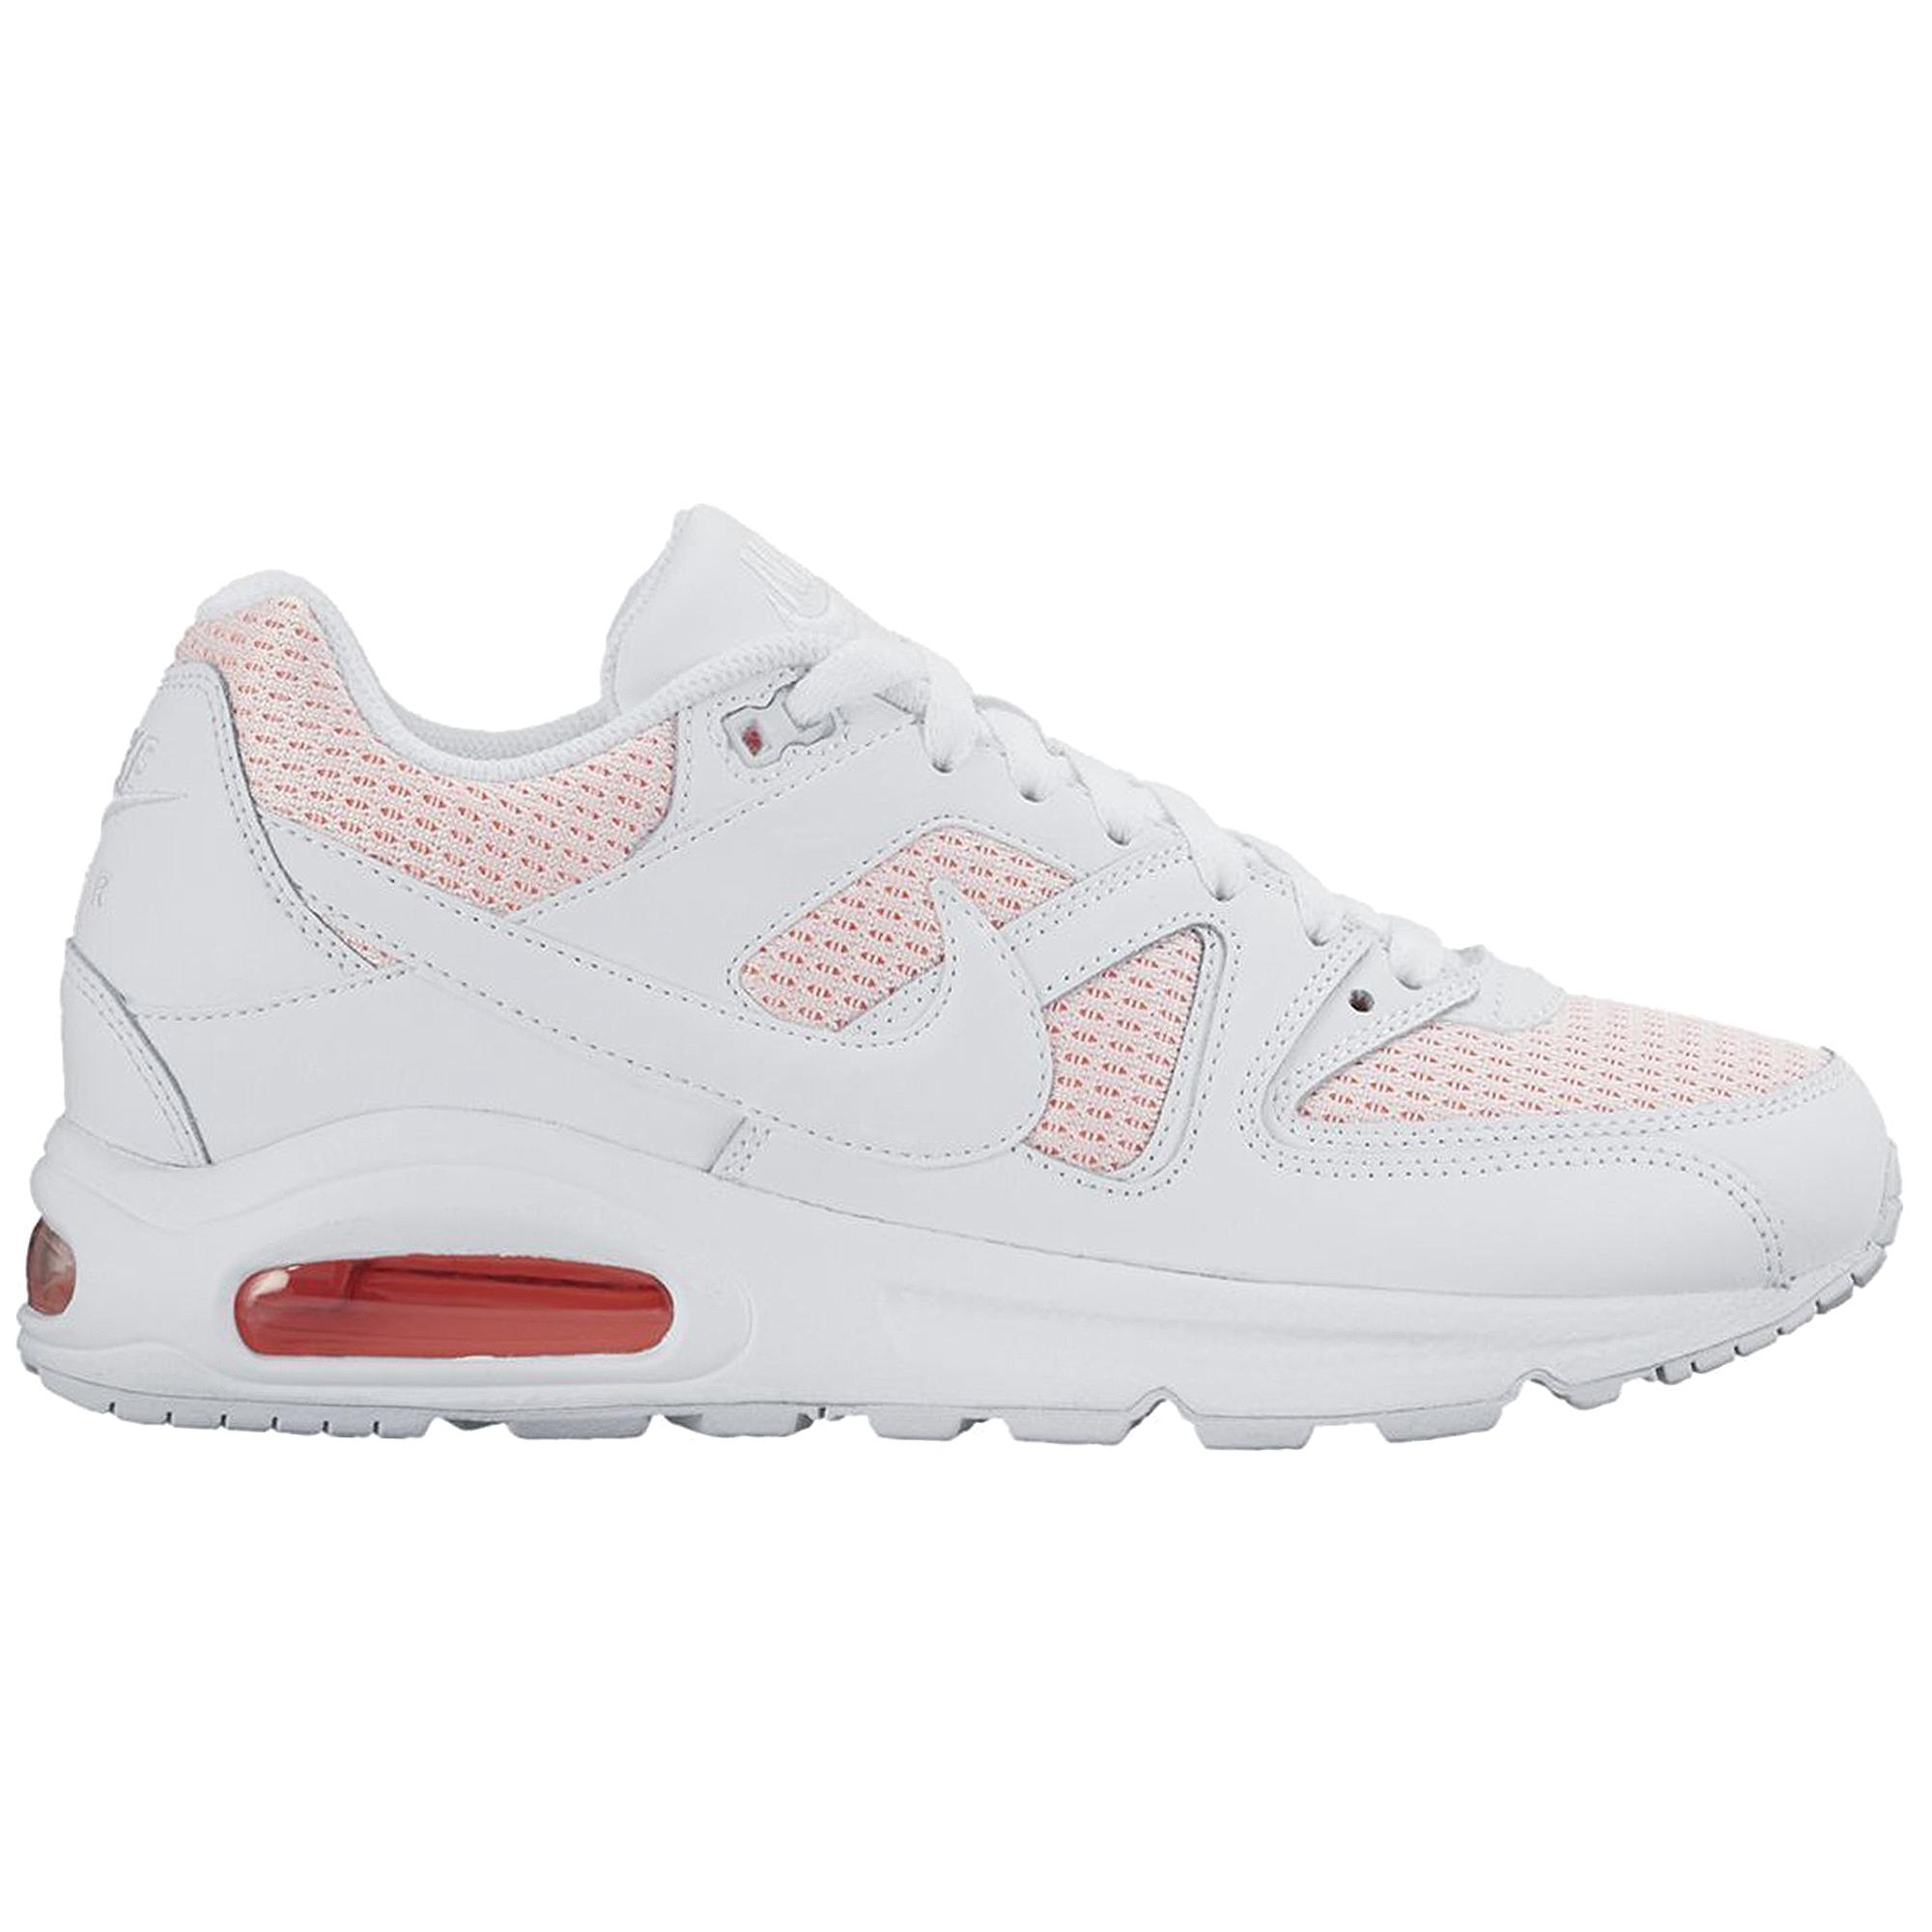 best sneakers 82ba6 144fe Nike Air Max Command Spor Ayakkabı